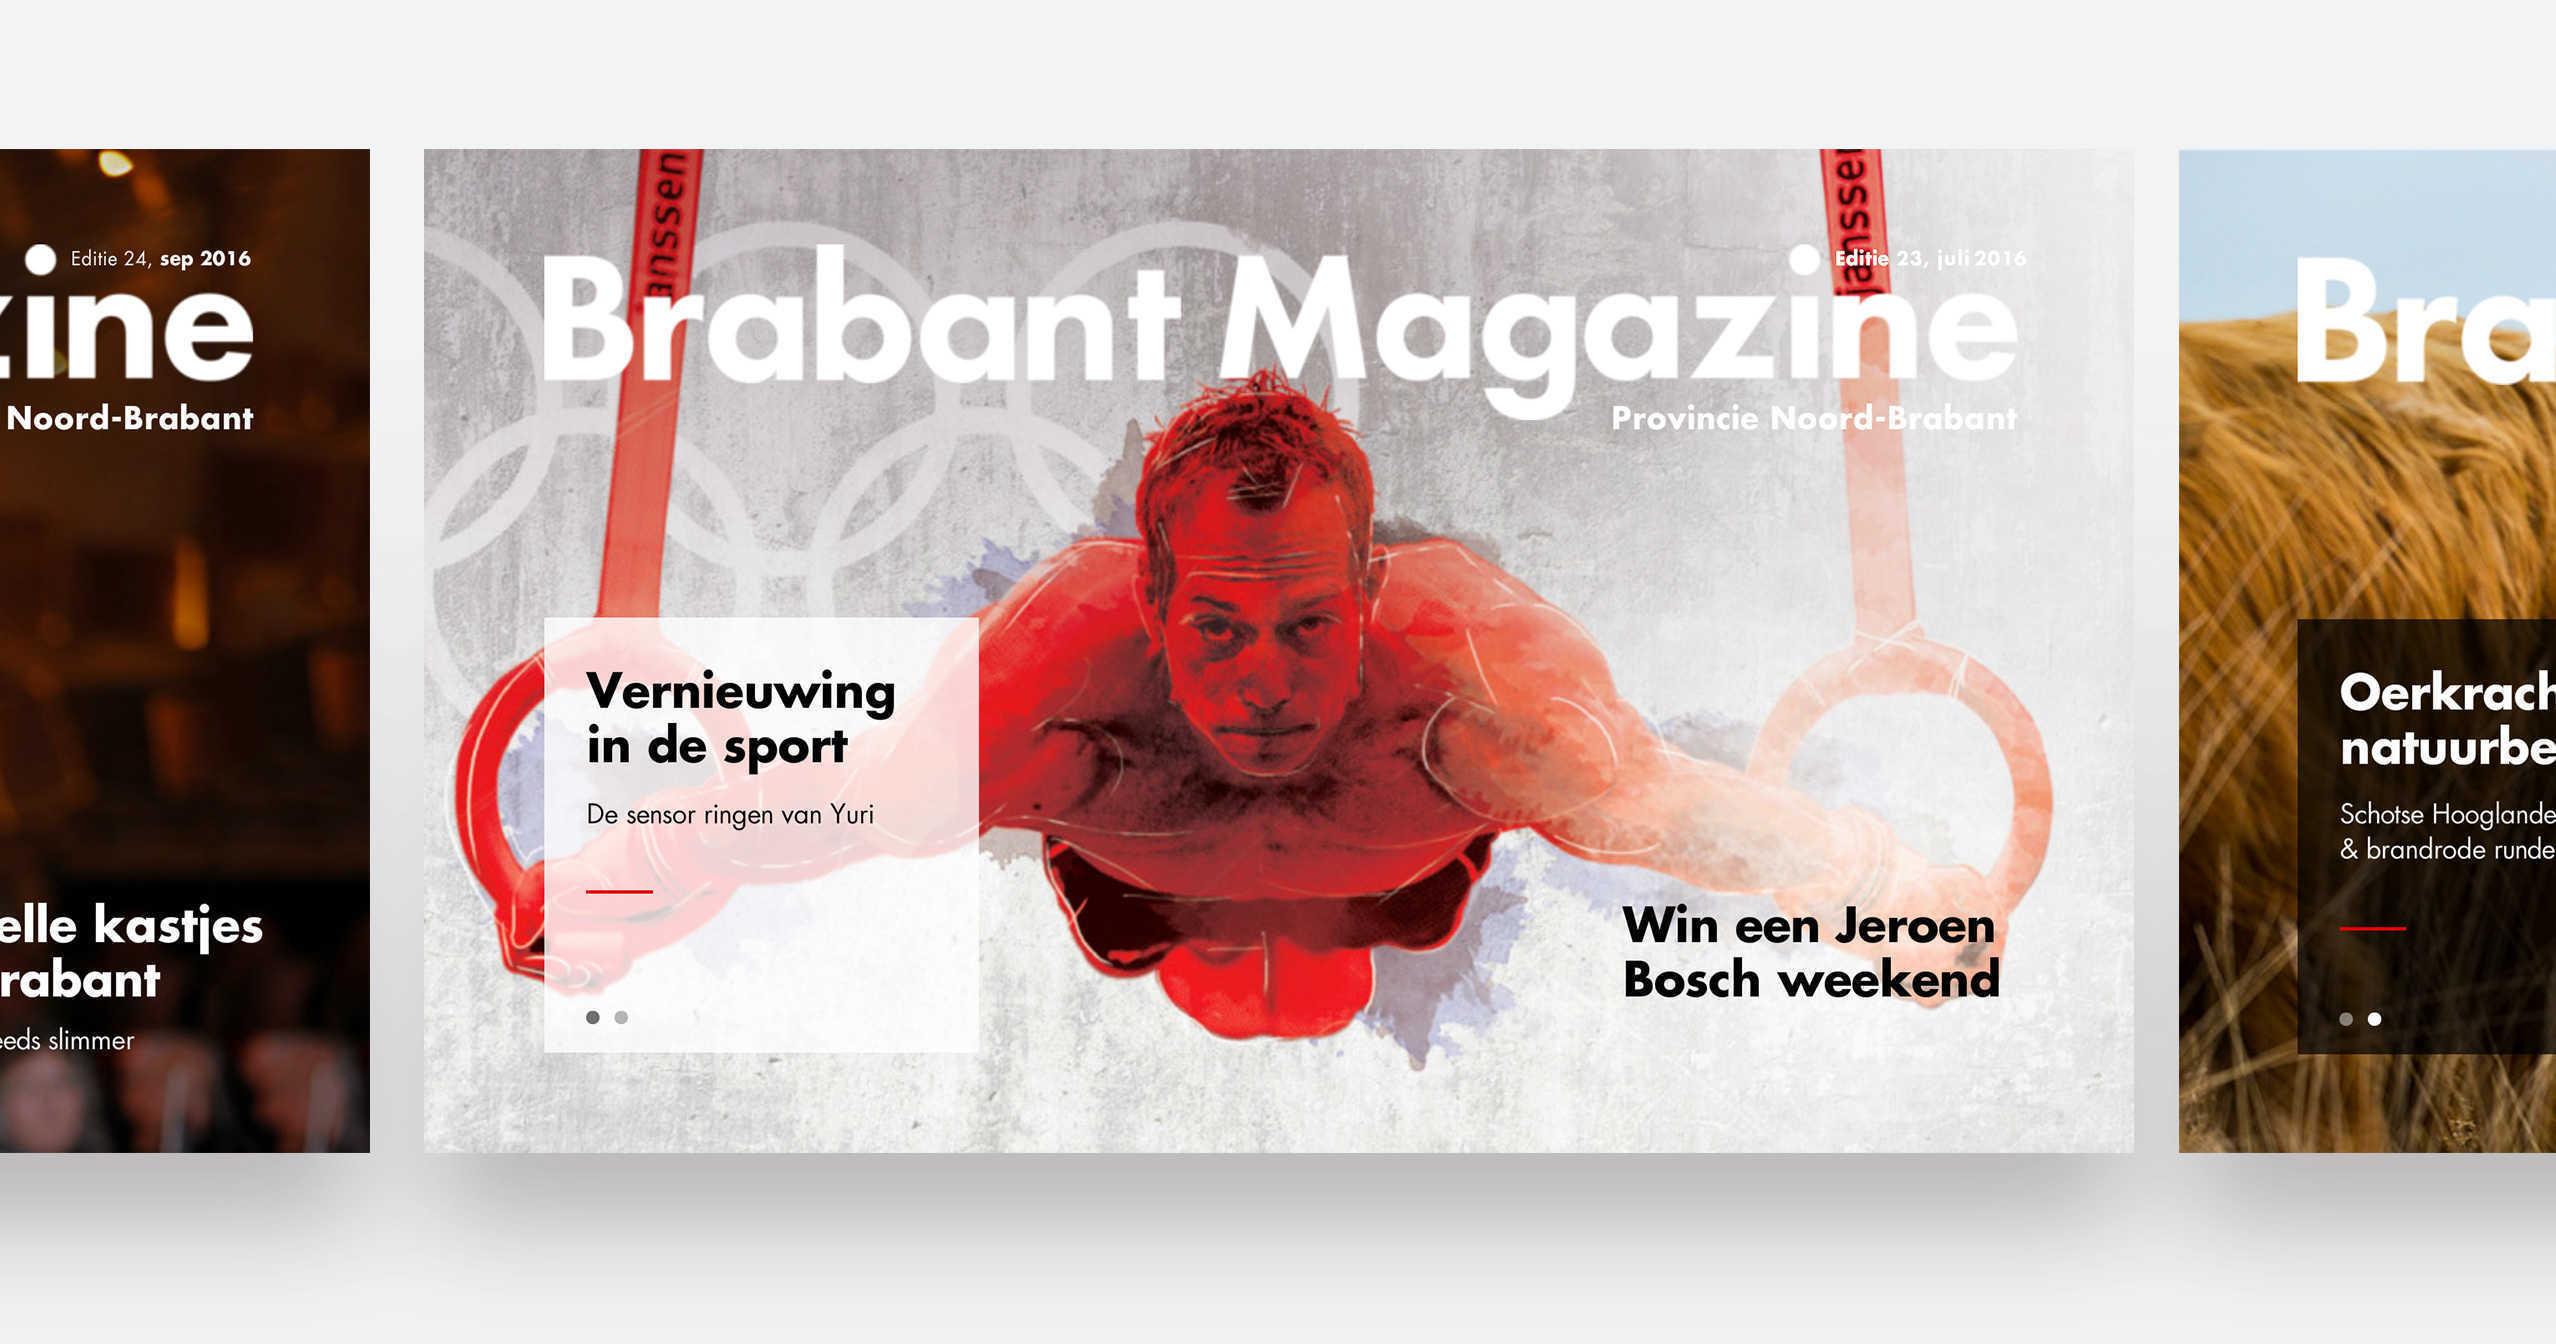 brabantmagazine_06